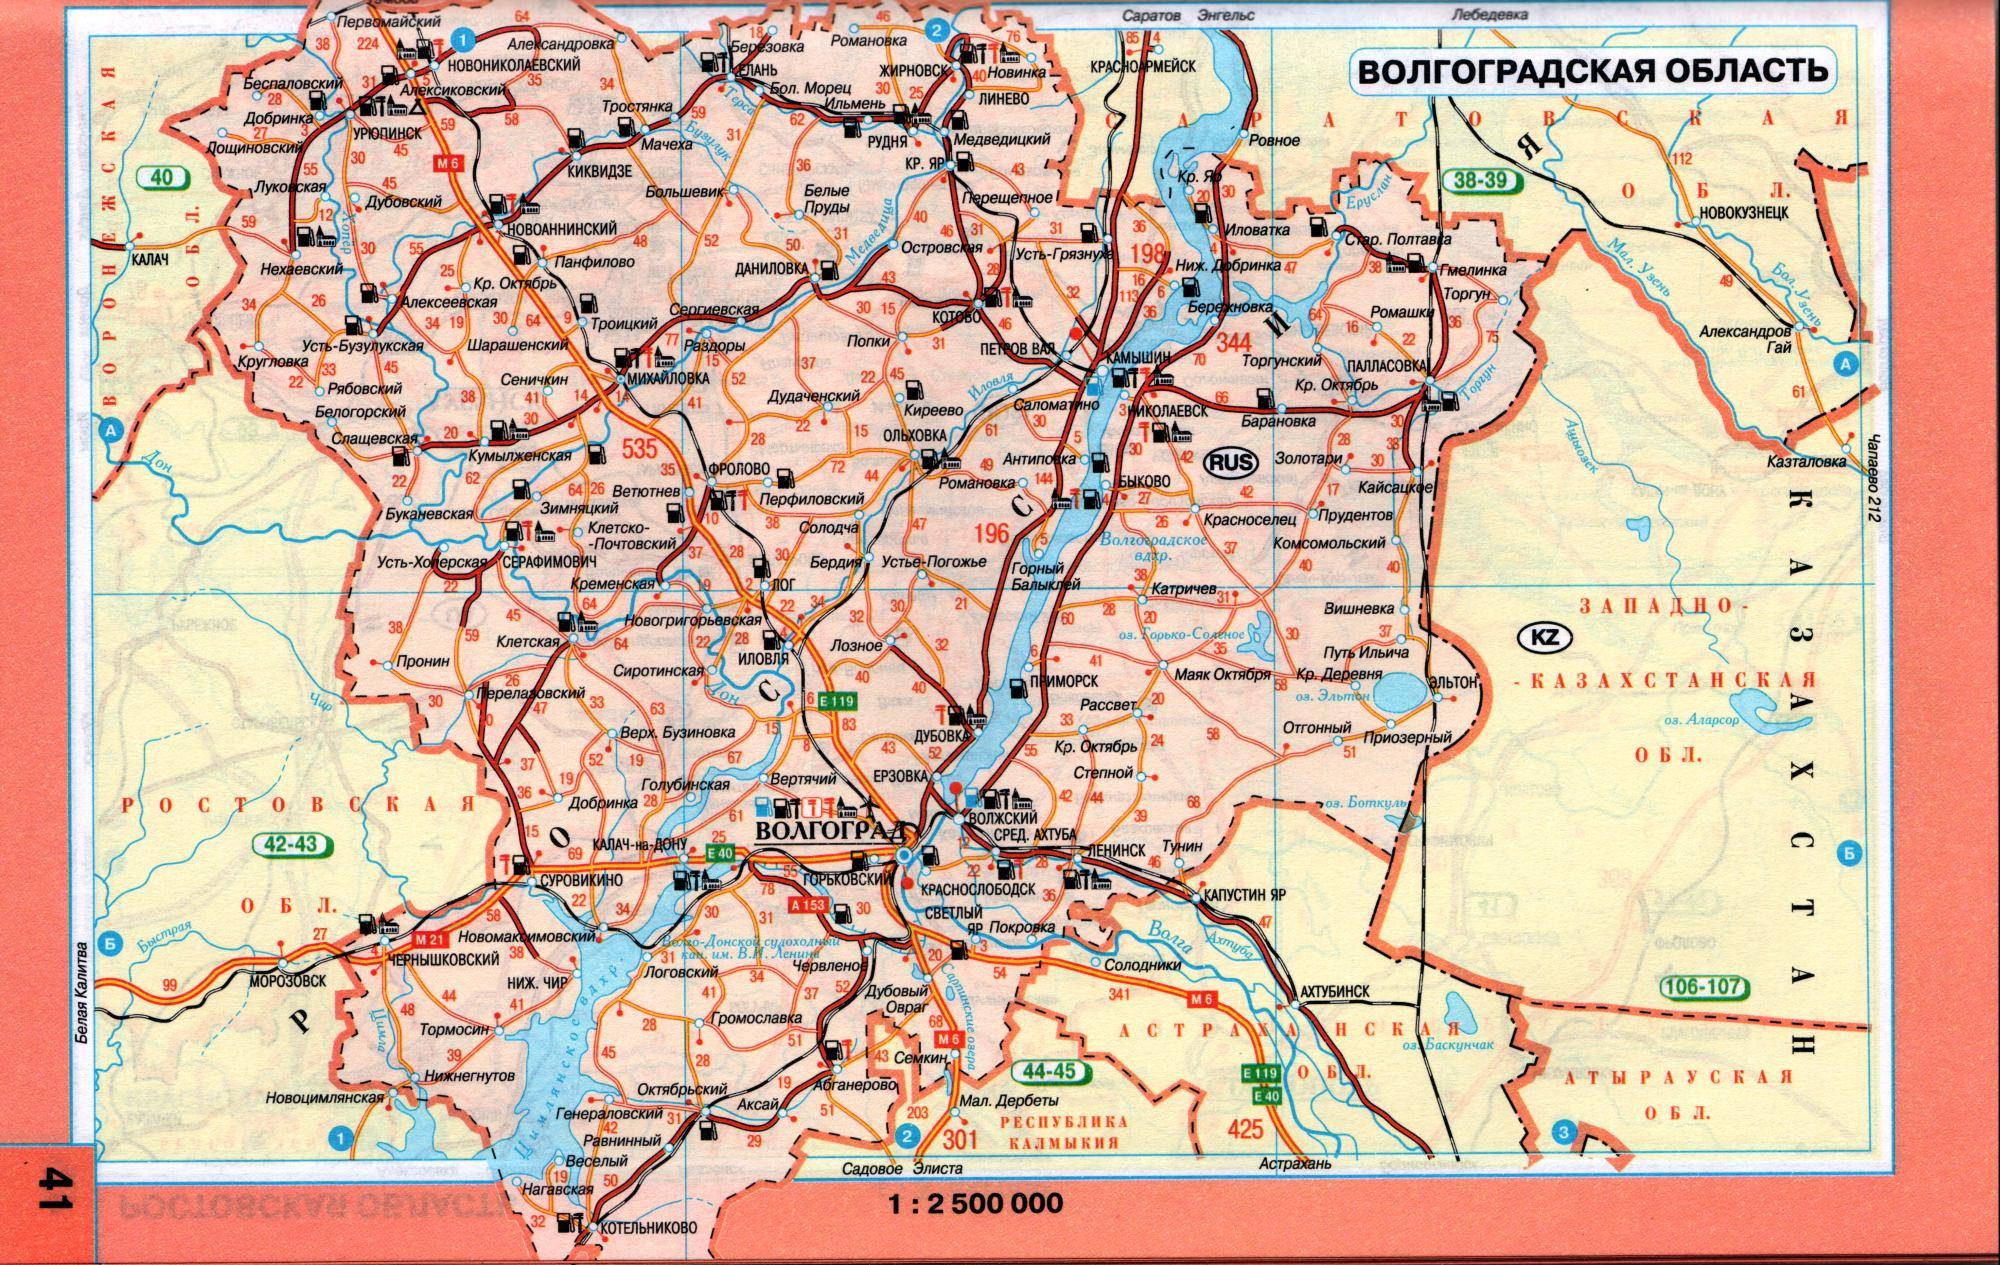 Карта схема автомобильных дорог Волгоградской области, масштаб 1см:25км.  Скачать карту Волгоградской обл.